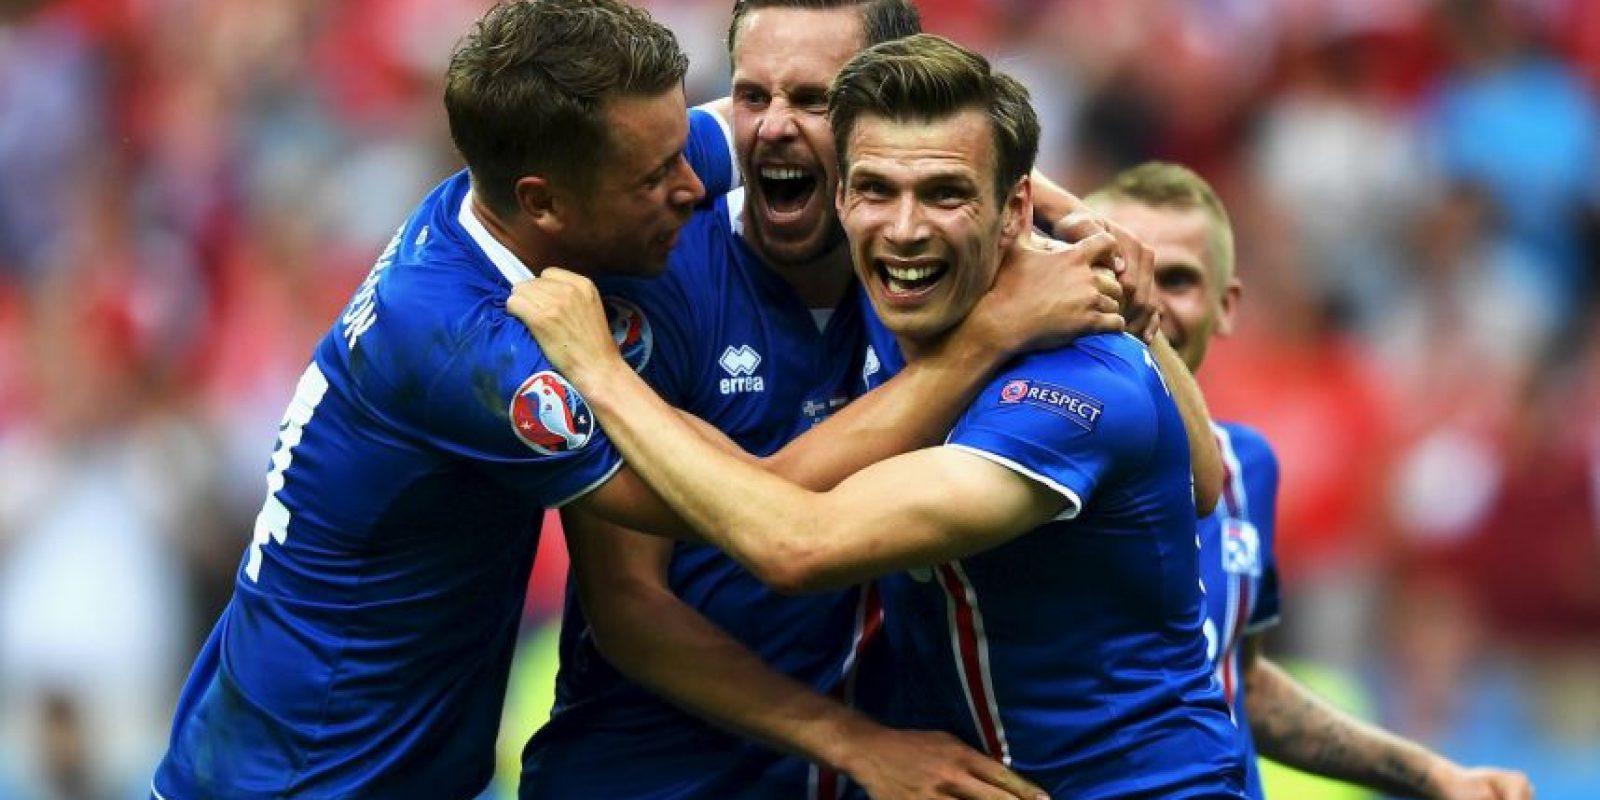 Islandia, por su parte, sorprendió a todos al avanzar a octavos de final en su debut Foto:Getty Images